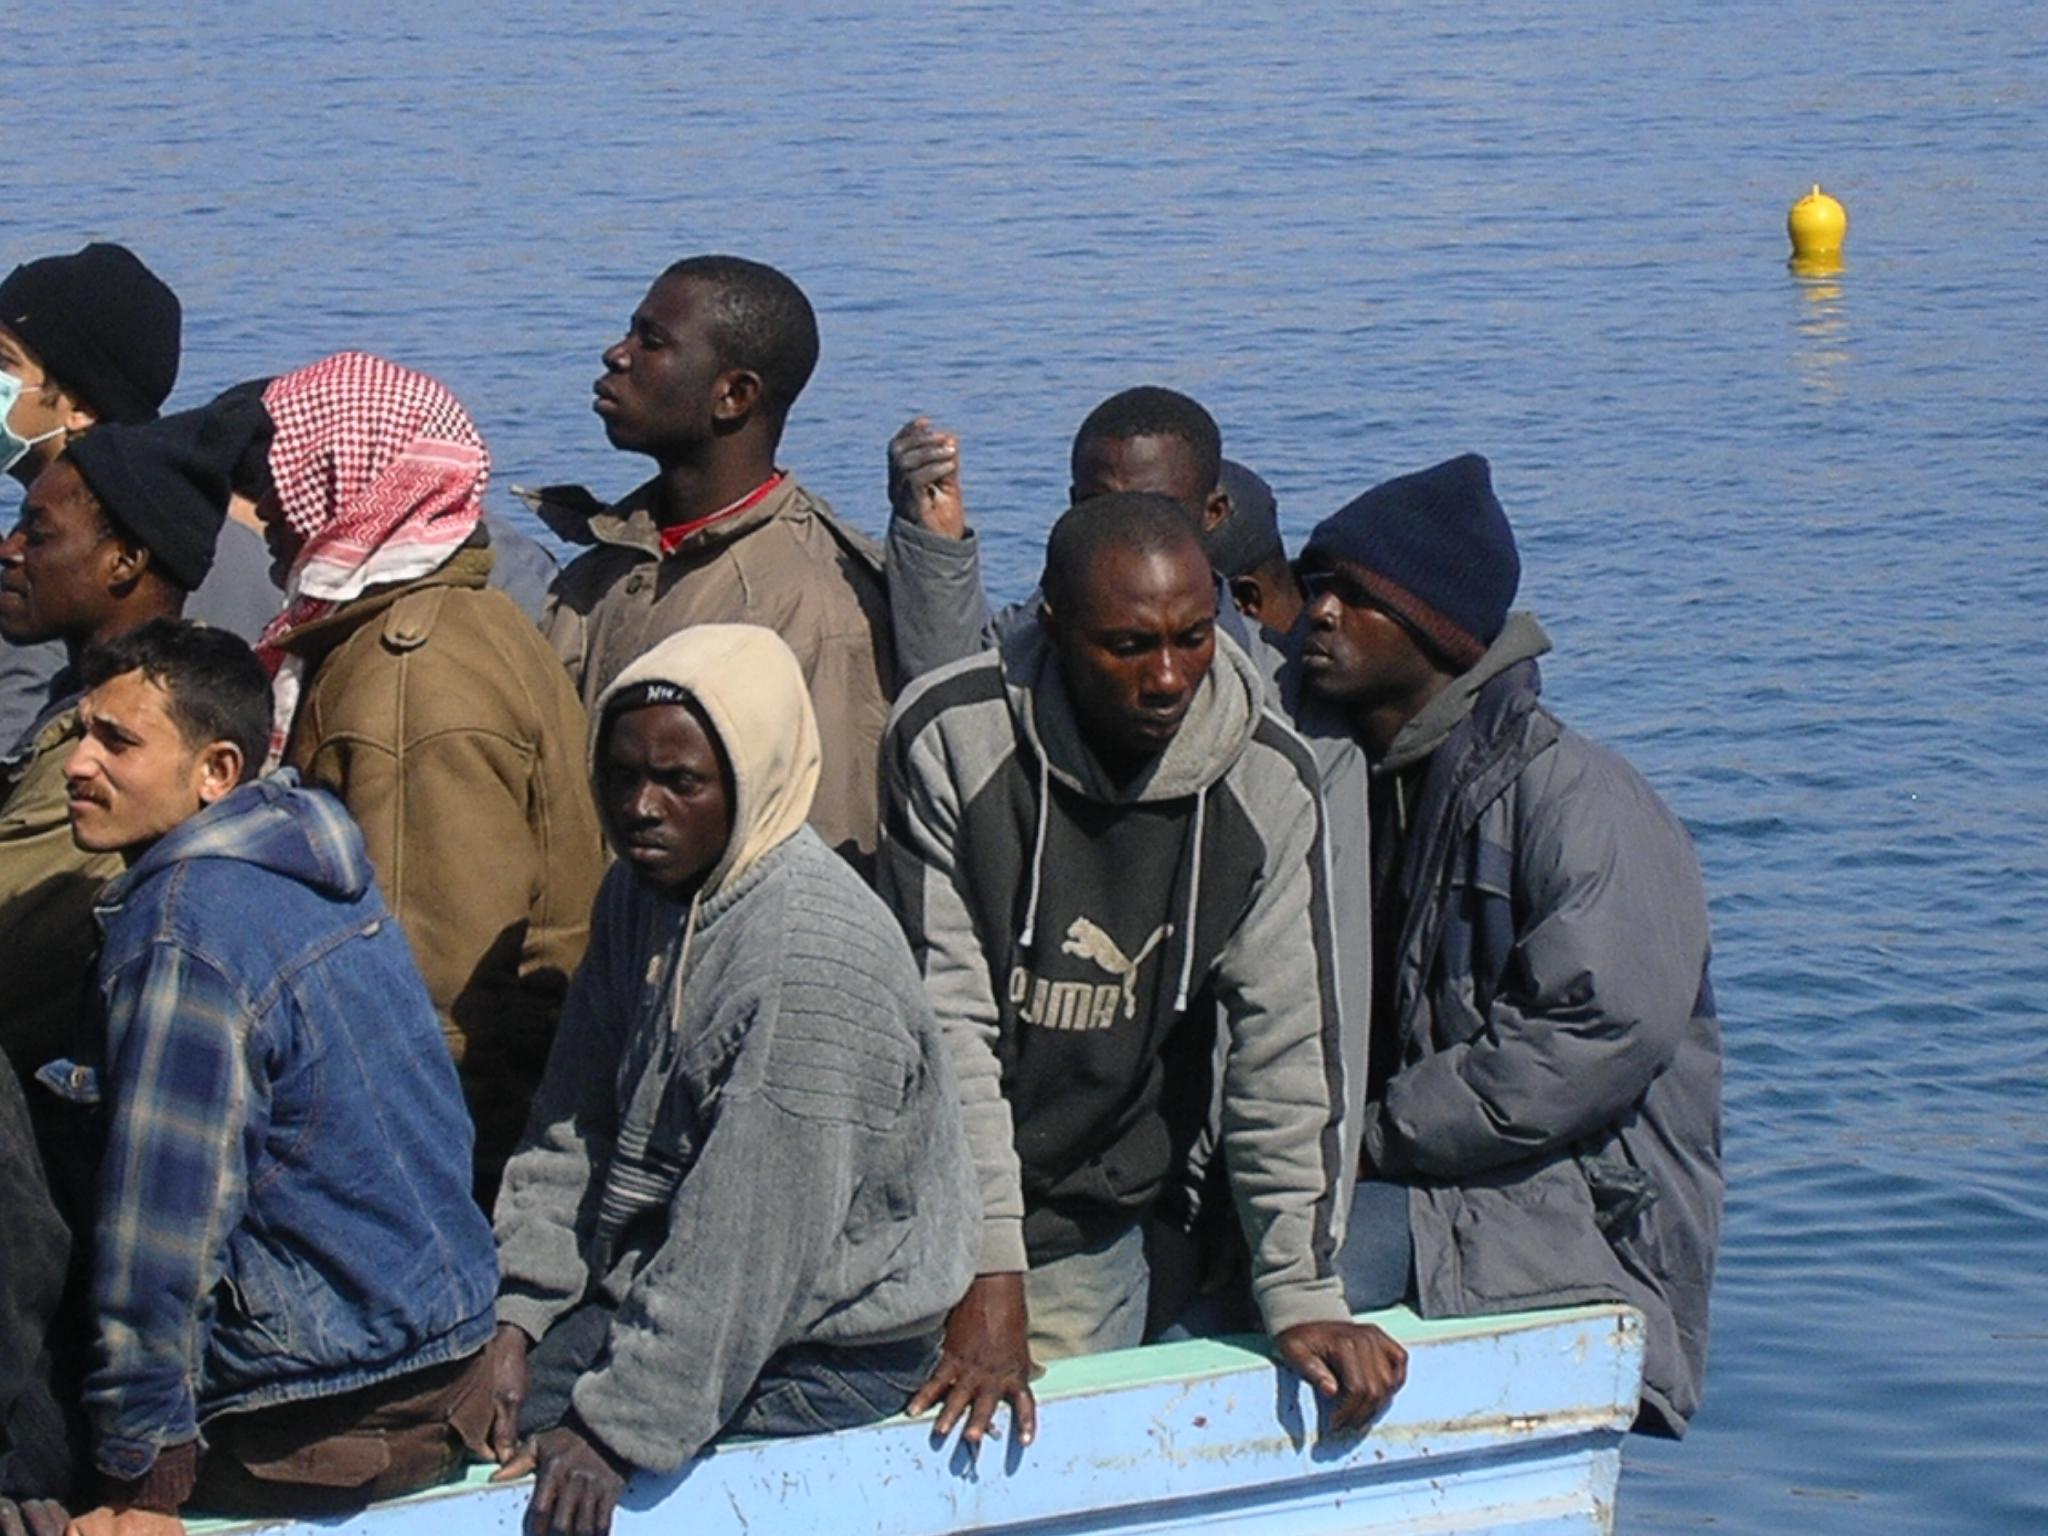 Immigrazione, ecco le tariffe per gli sbarchi in Italia. I numeri svelati dalla Polizia